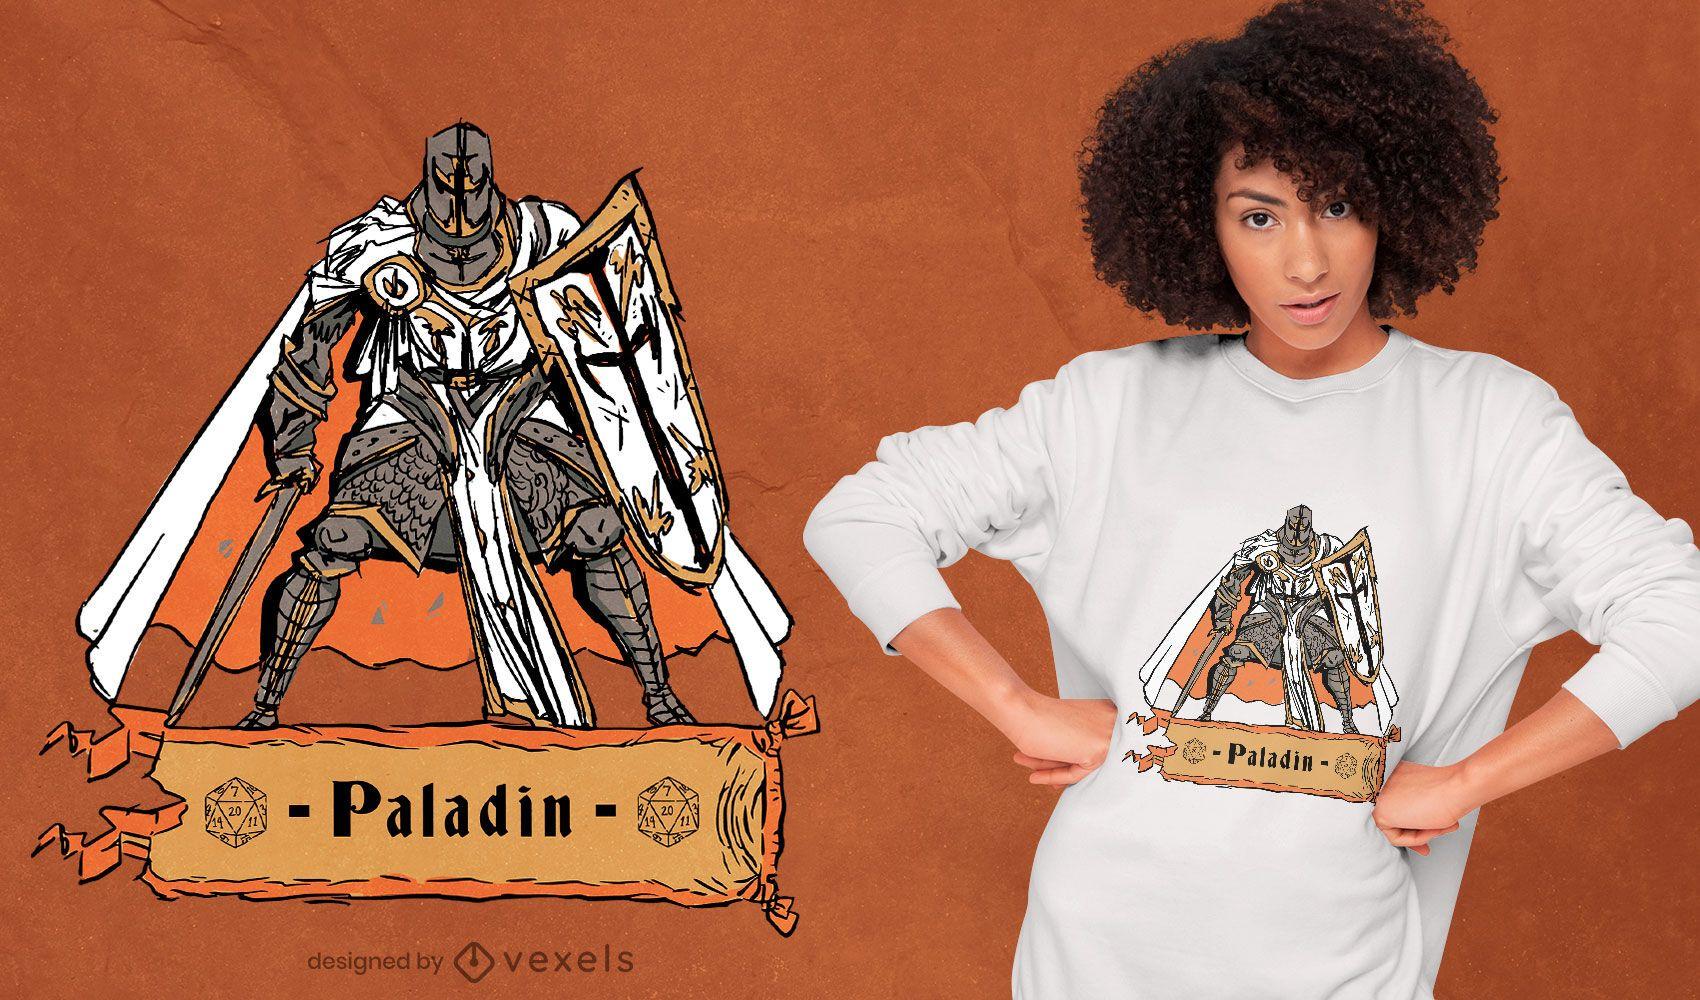 Diseño de camiseta de personaje de juego de rol de paladín.